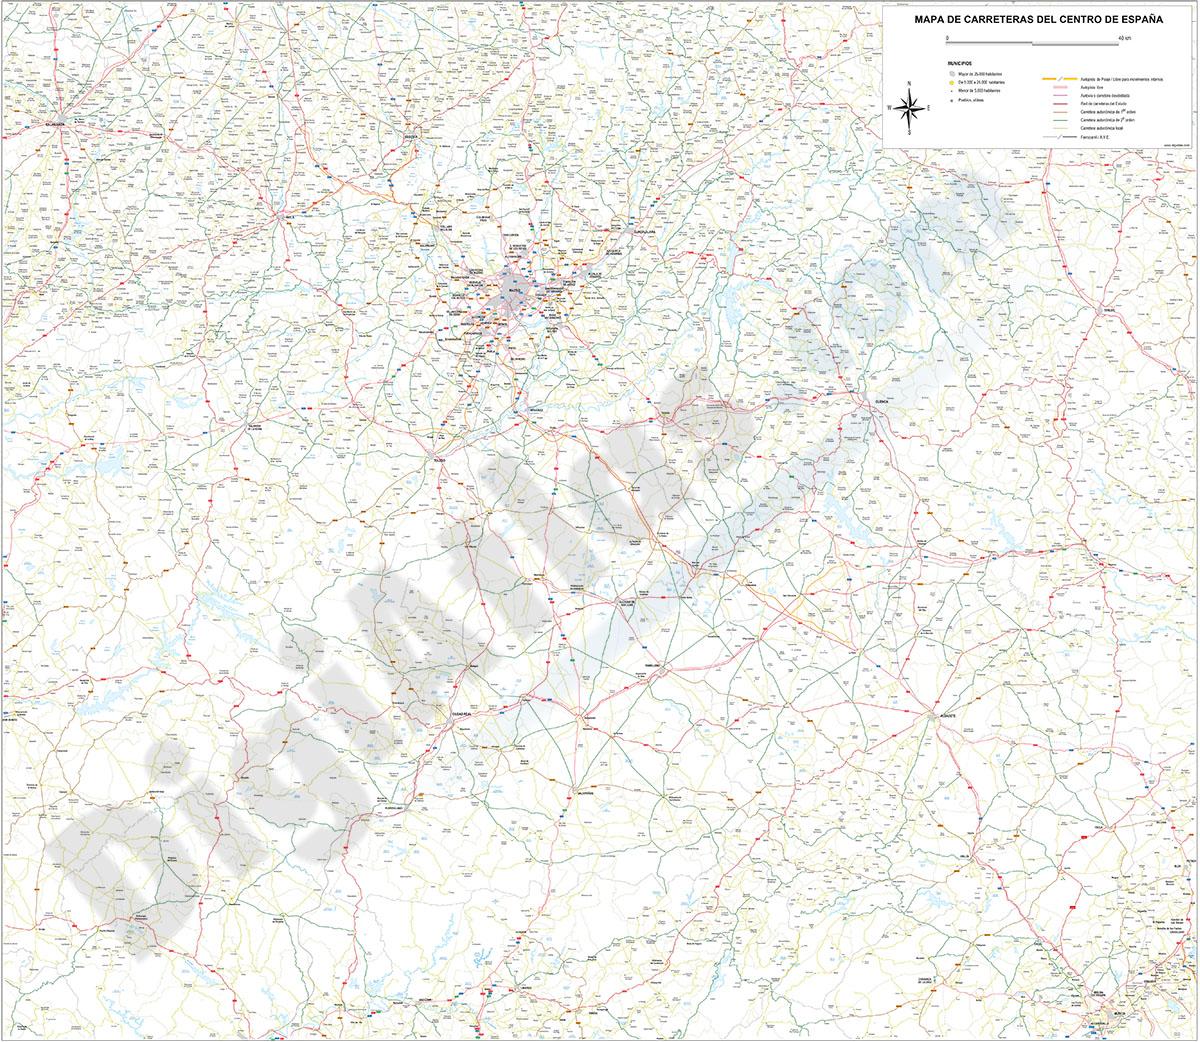 Roadmap of center Spain